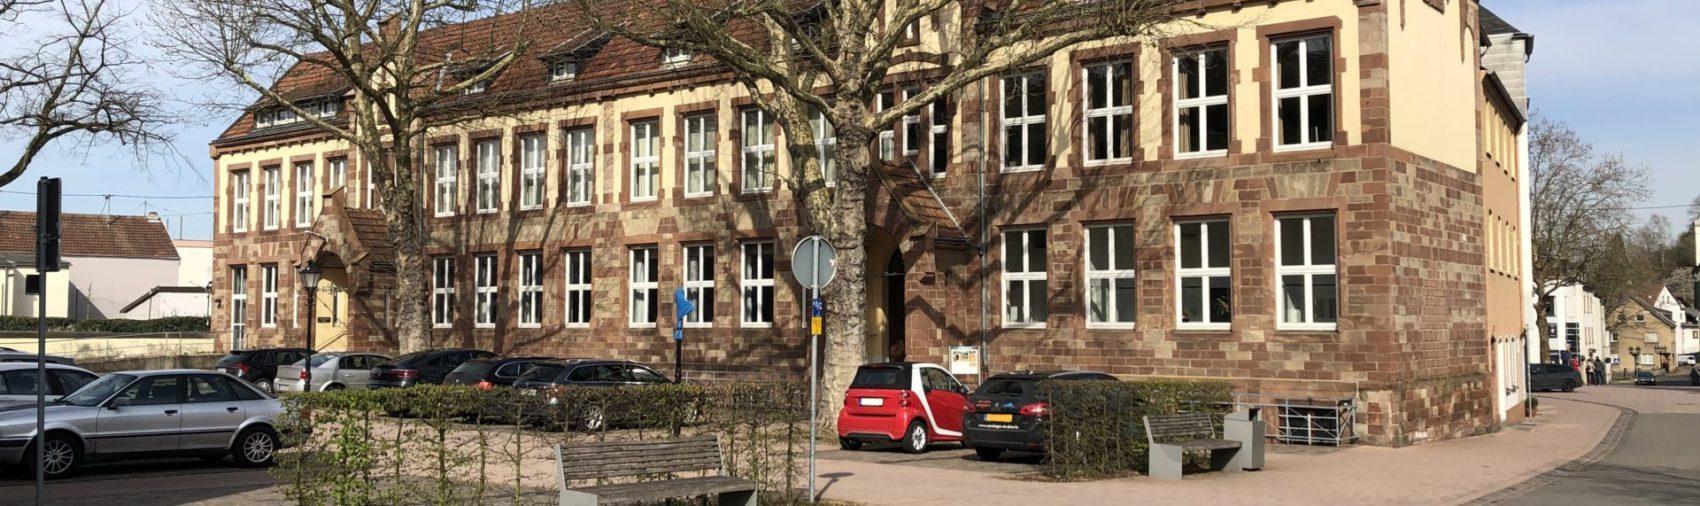 Vereinshaus Merzig